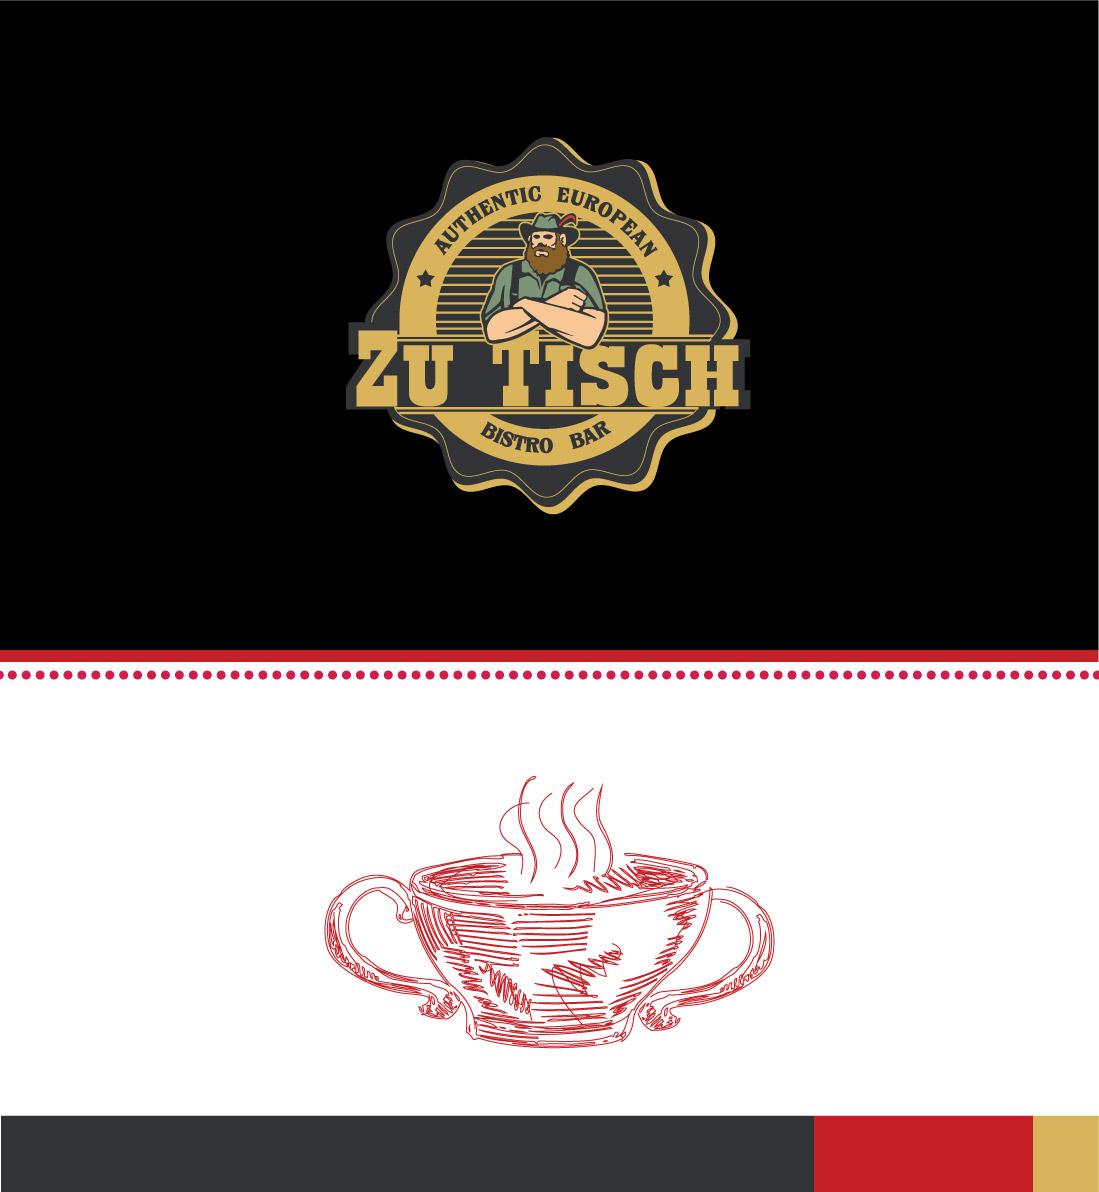 zu tisch logo